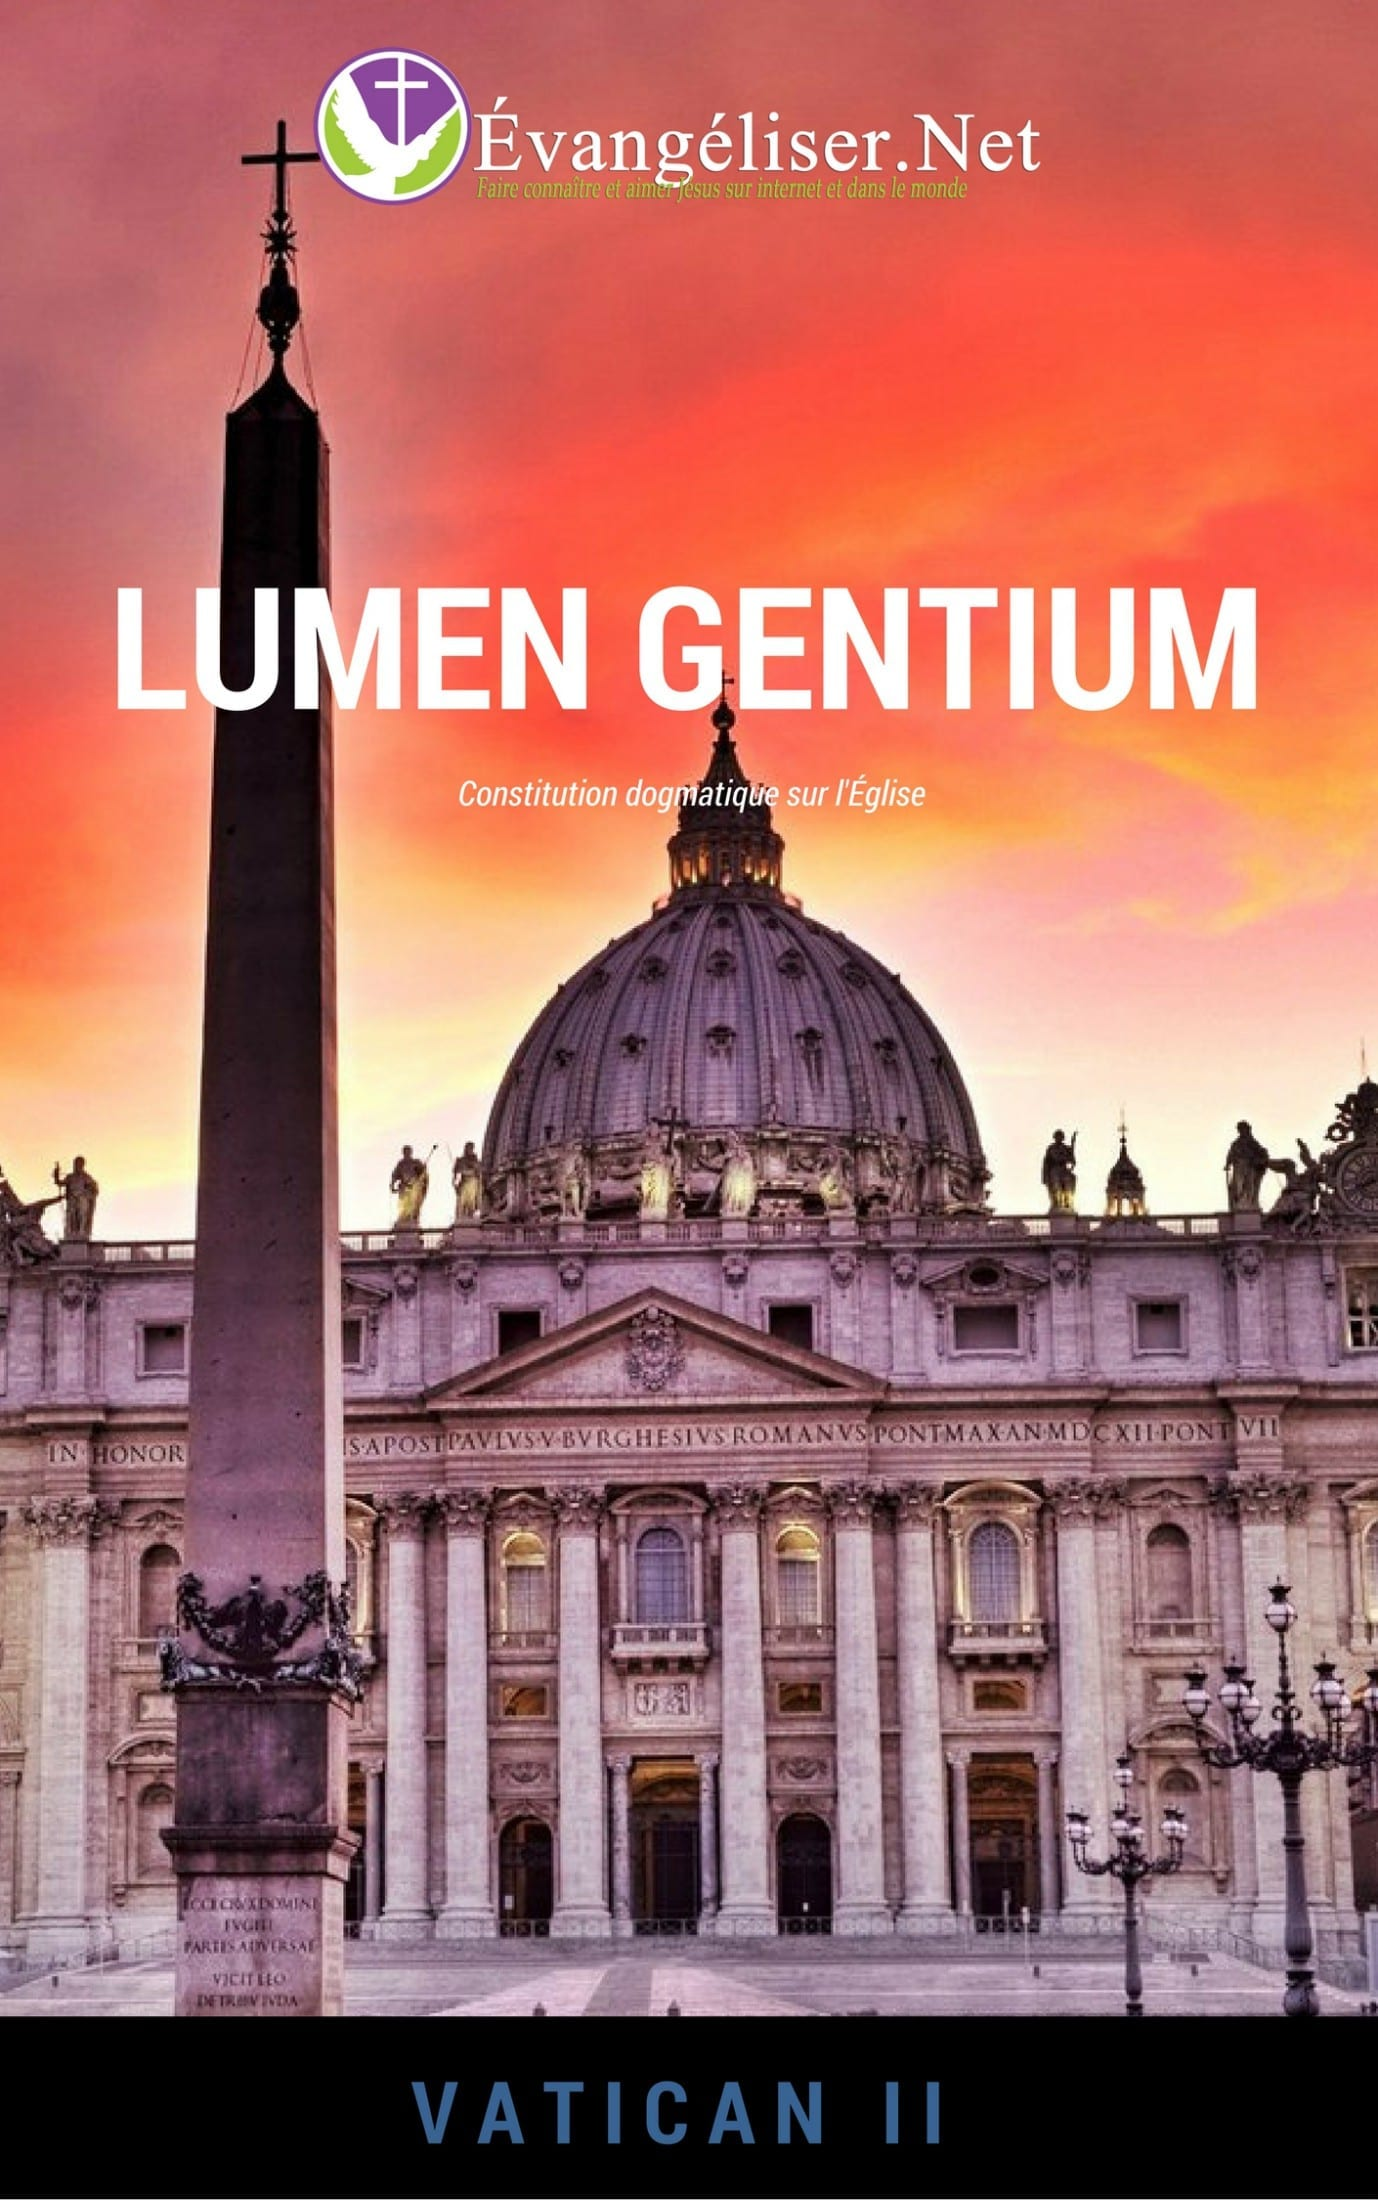 Télécharger la constitution dogmatique sur l'Église Lumen Gentium pour la lire sur votre ordinateur ou votre tablette